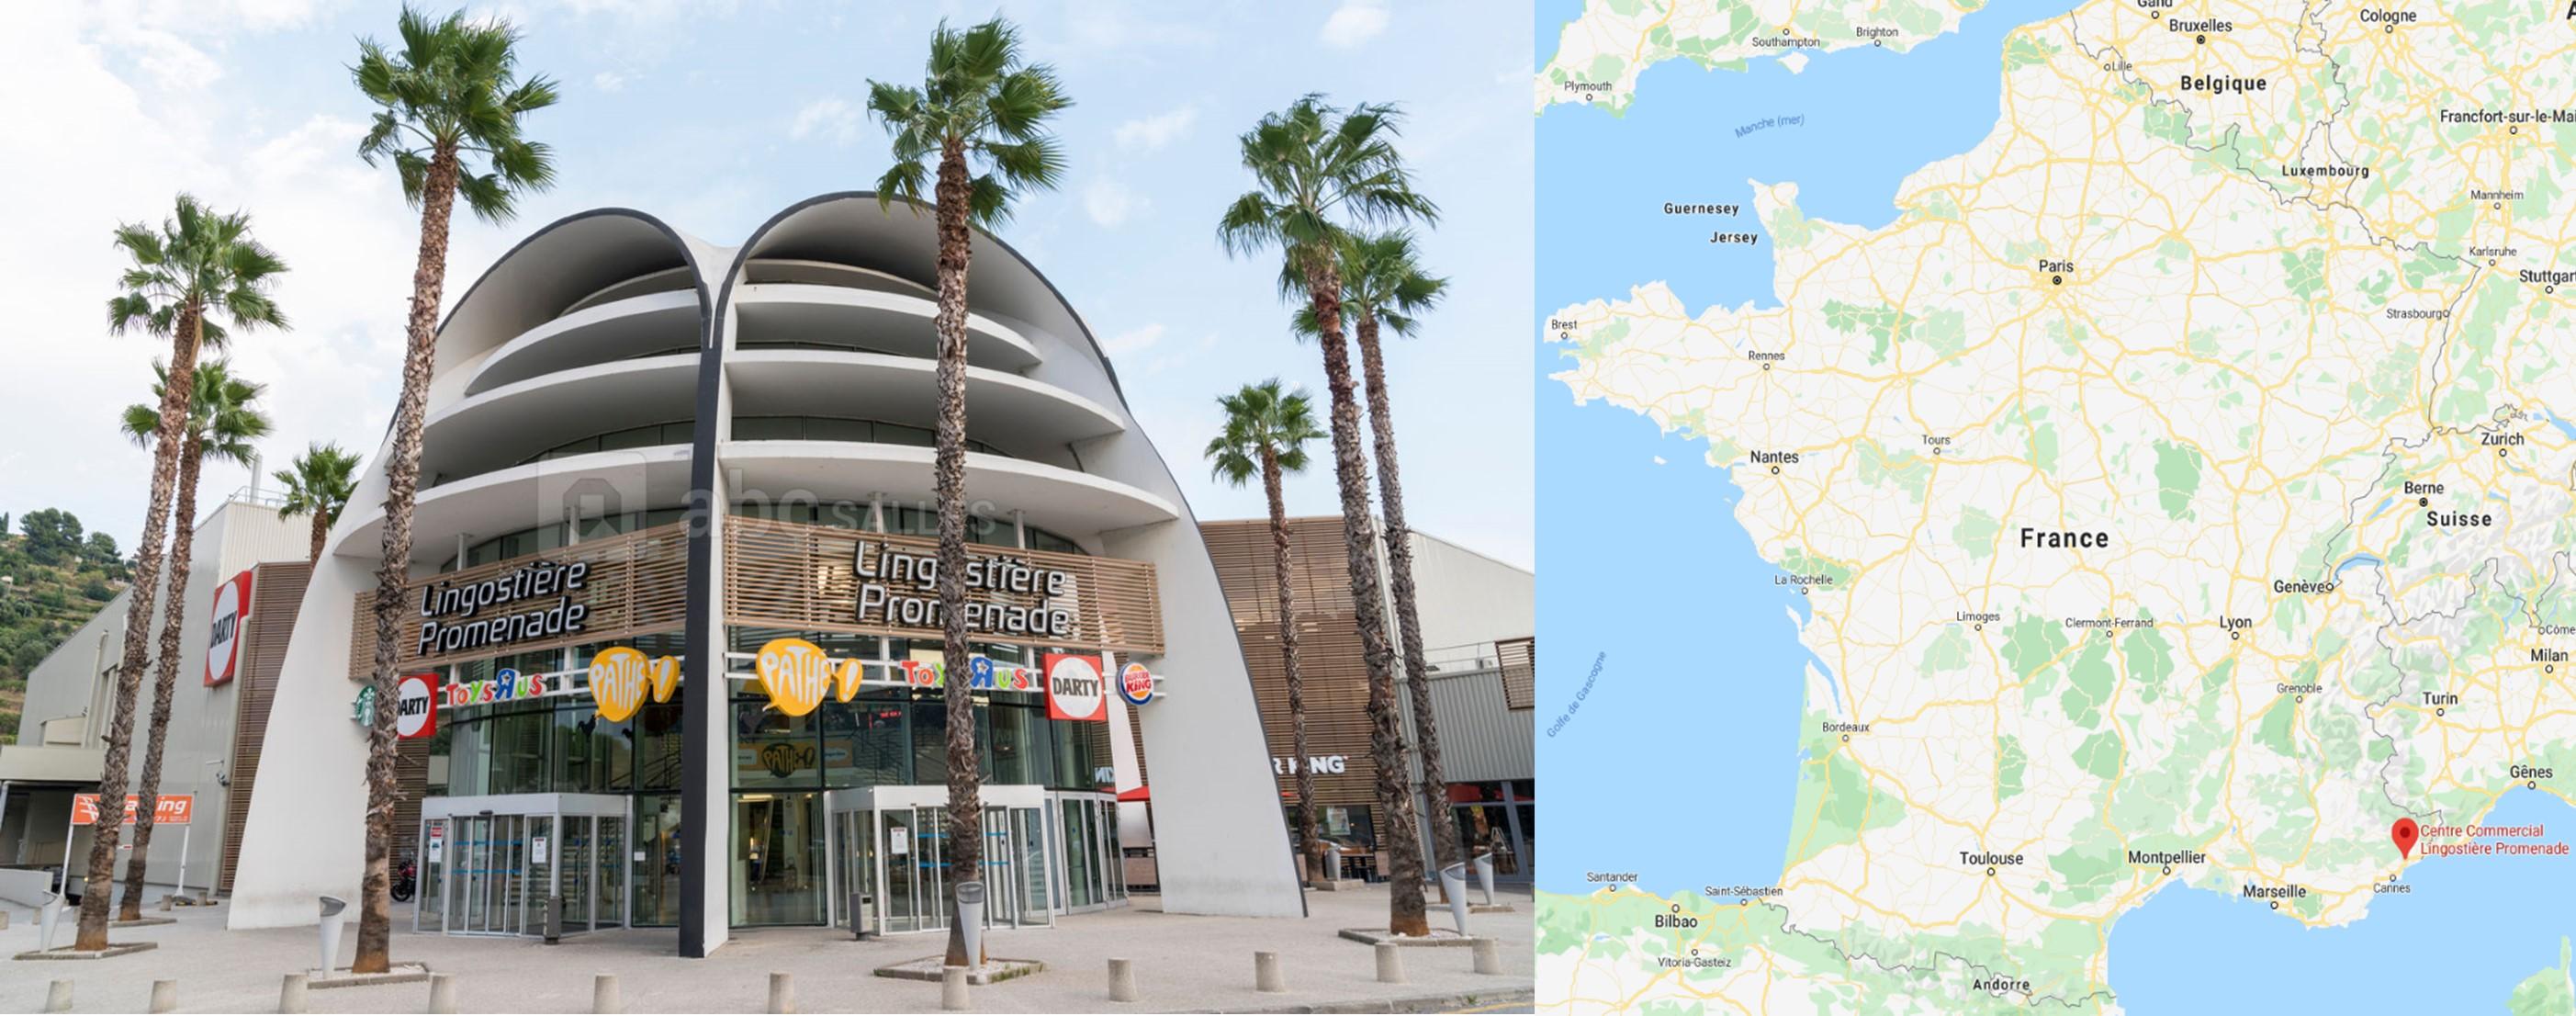 Galerie commerciale Lingostière Promenade à Nice